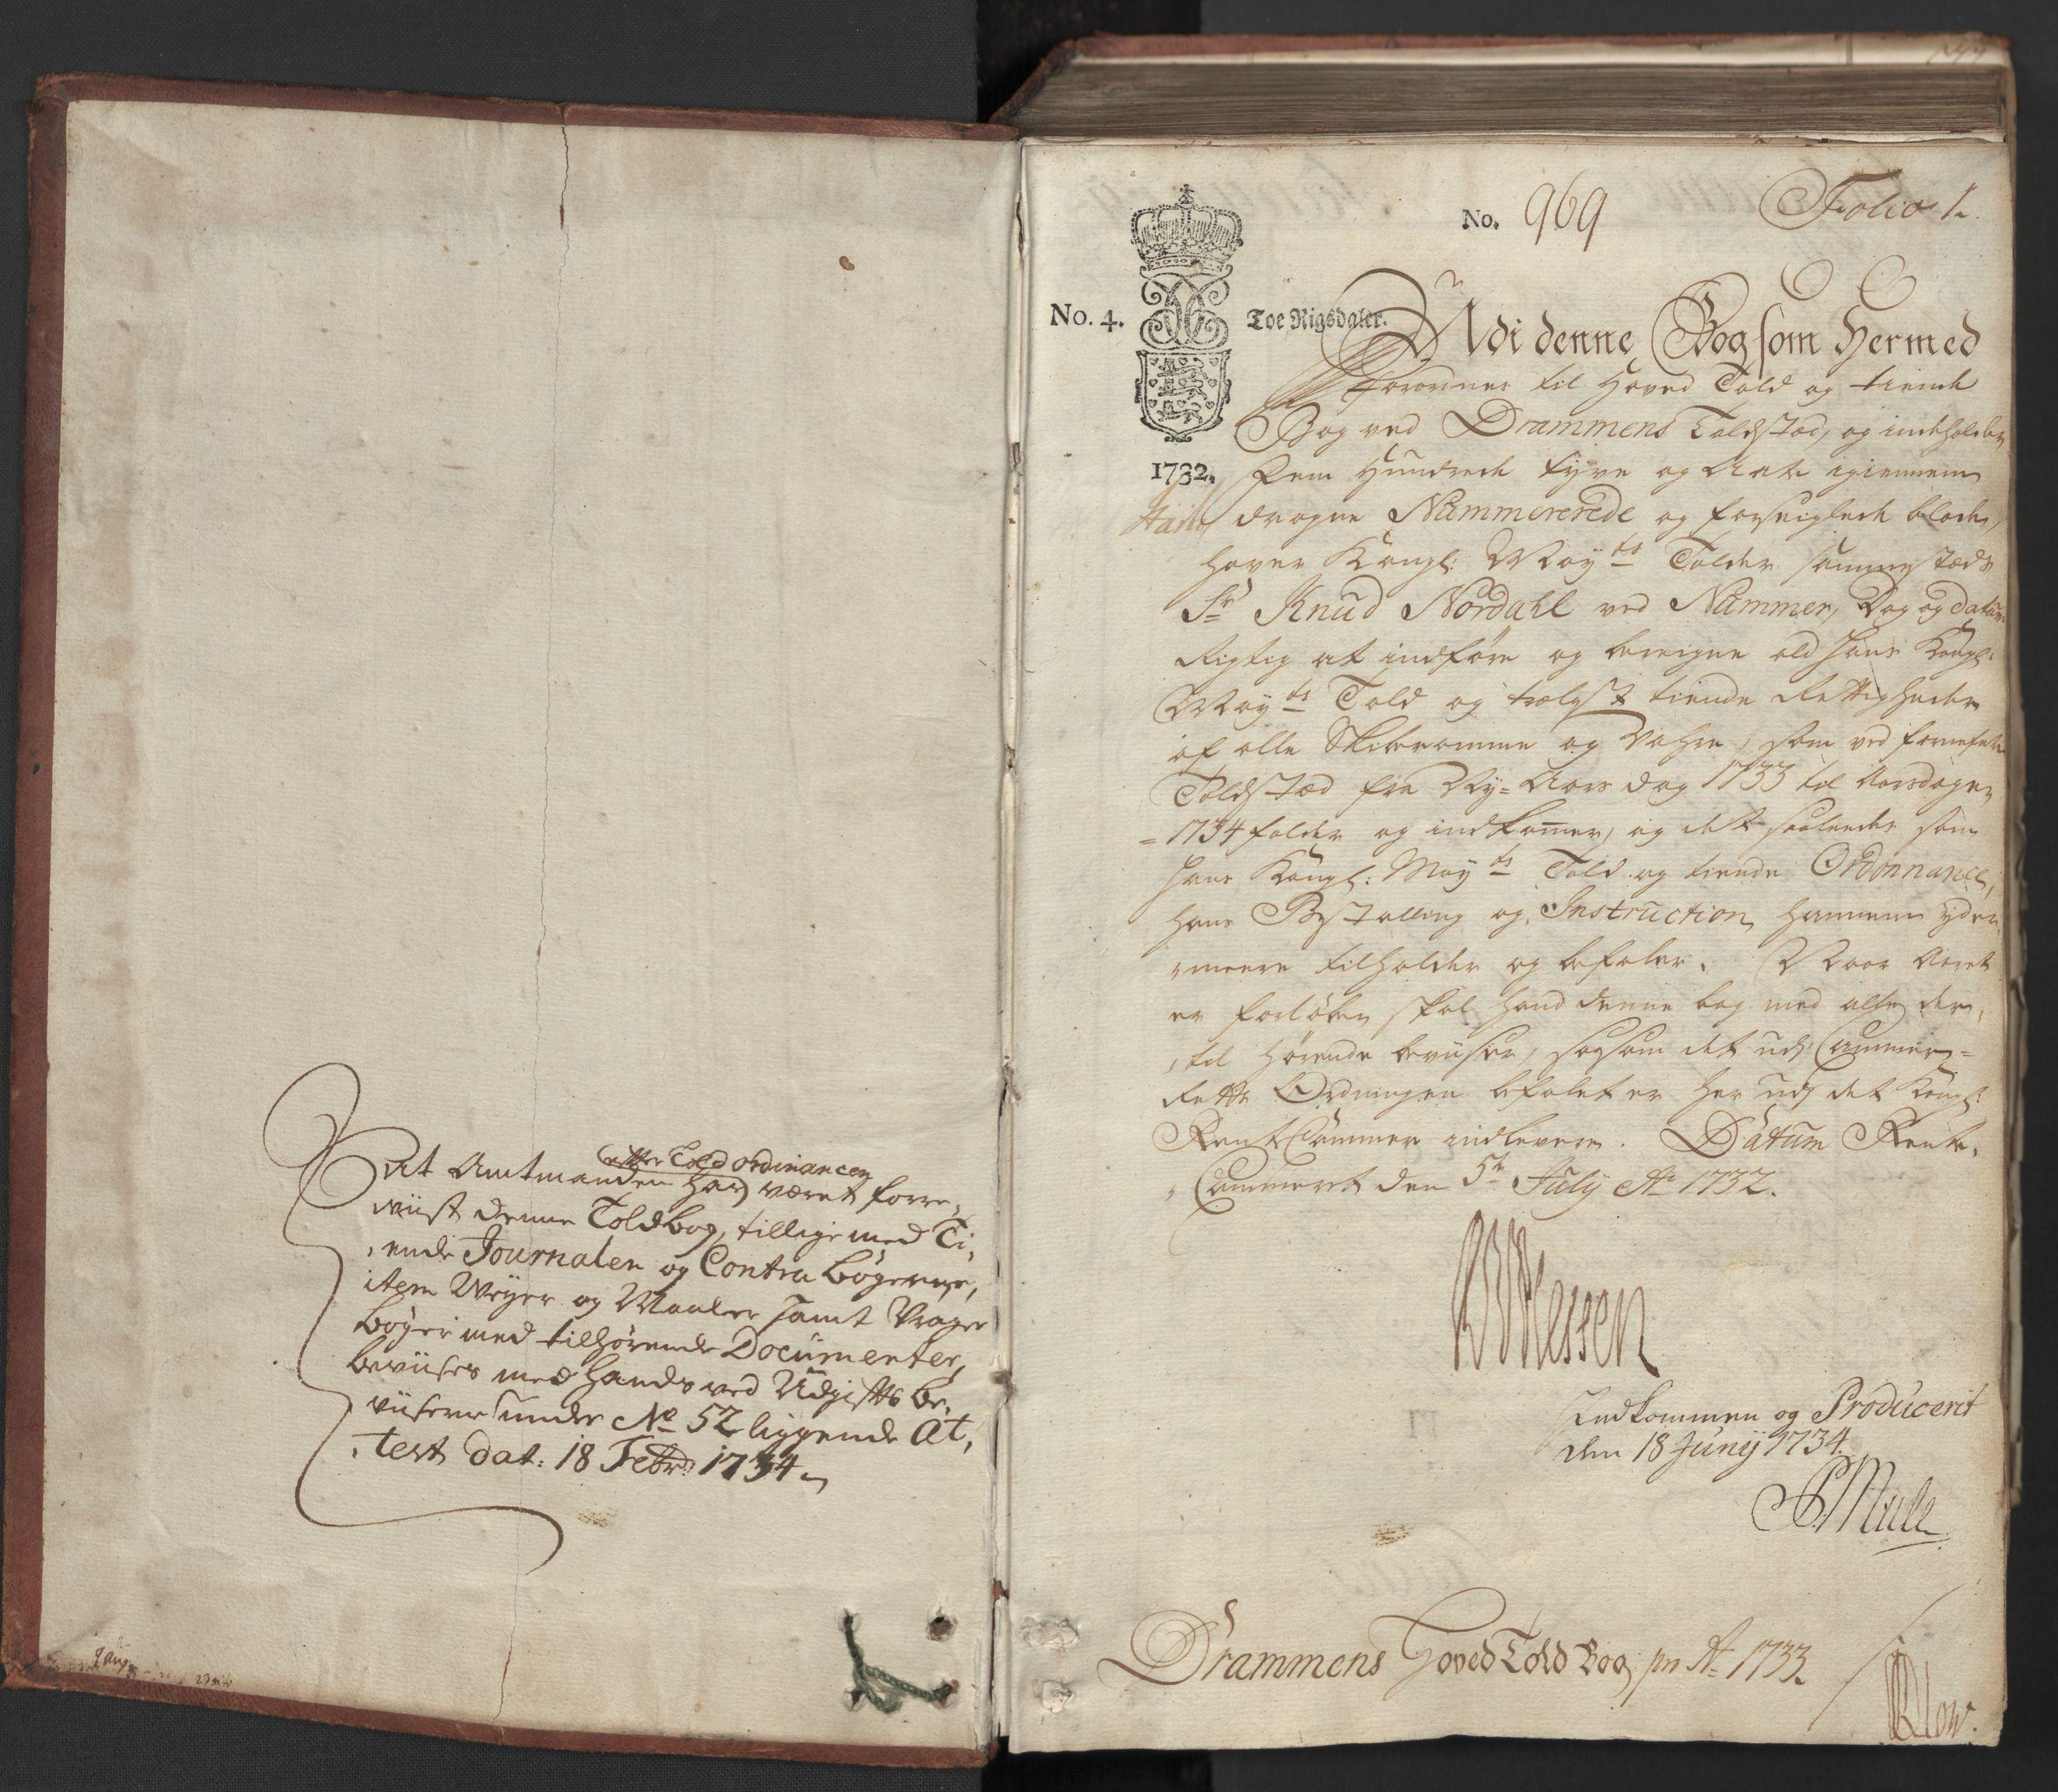 RA, Generaltollkammeret, tollregnskaper, R08/L0012: Tollregnskaper Drammen, 1733, s. 1a